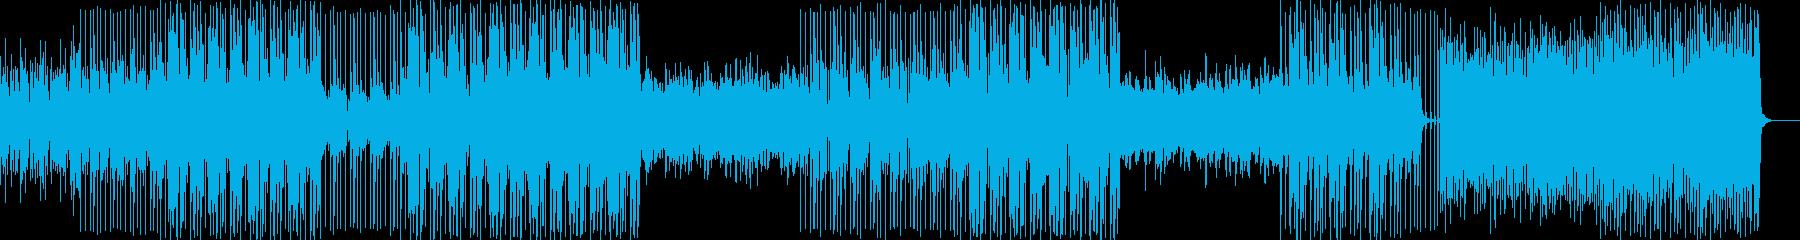 フュージョン エスニック やる気 ...の再生済みの波形